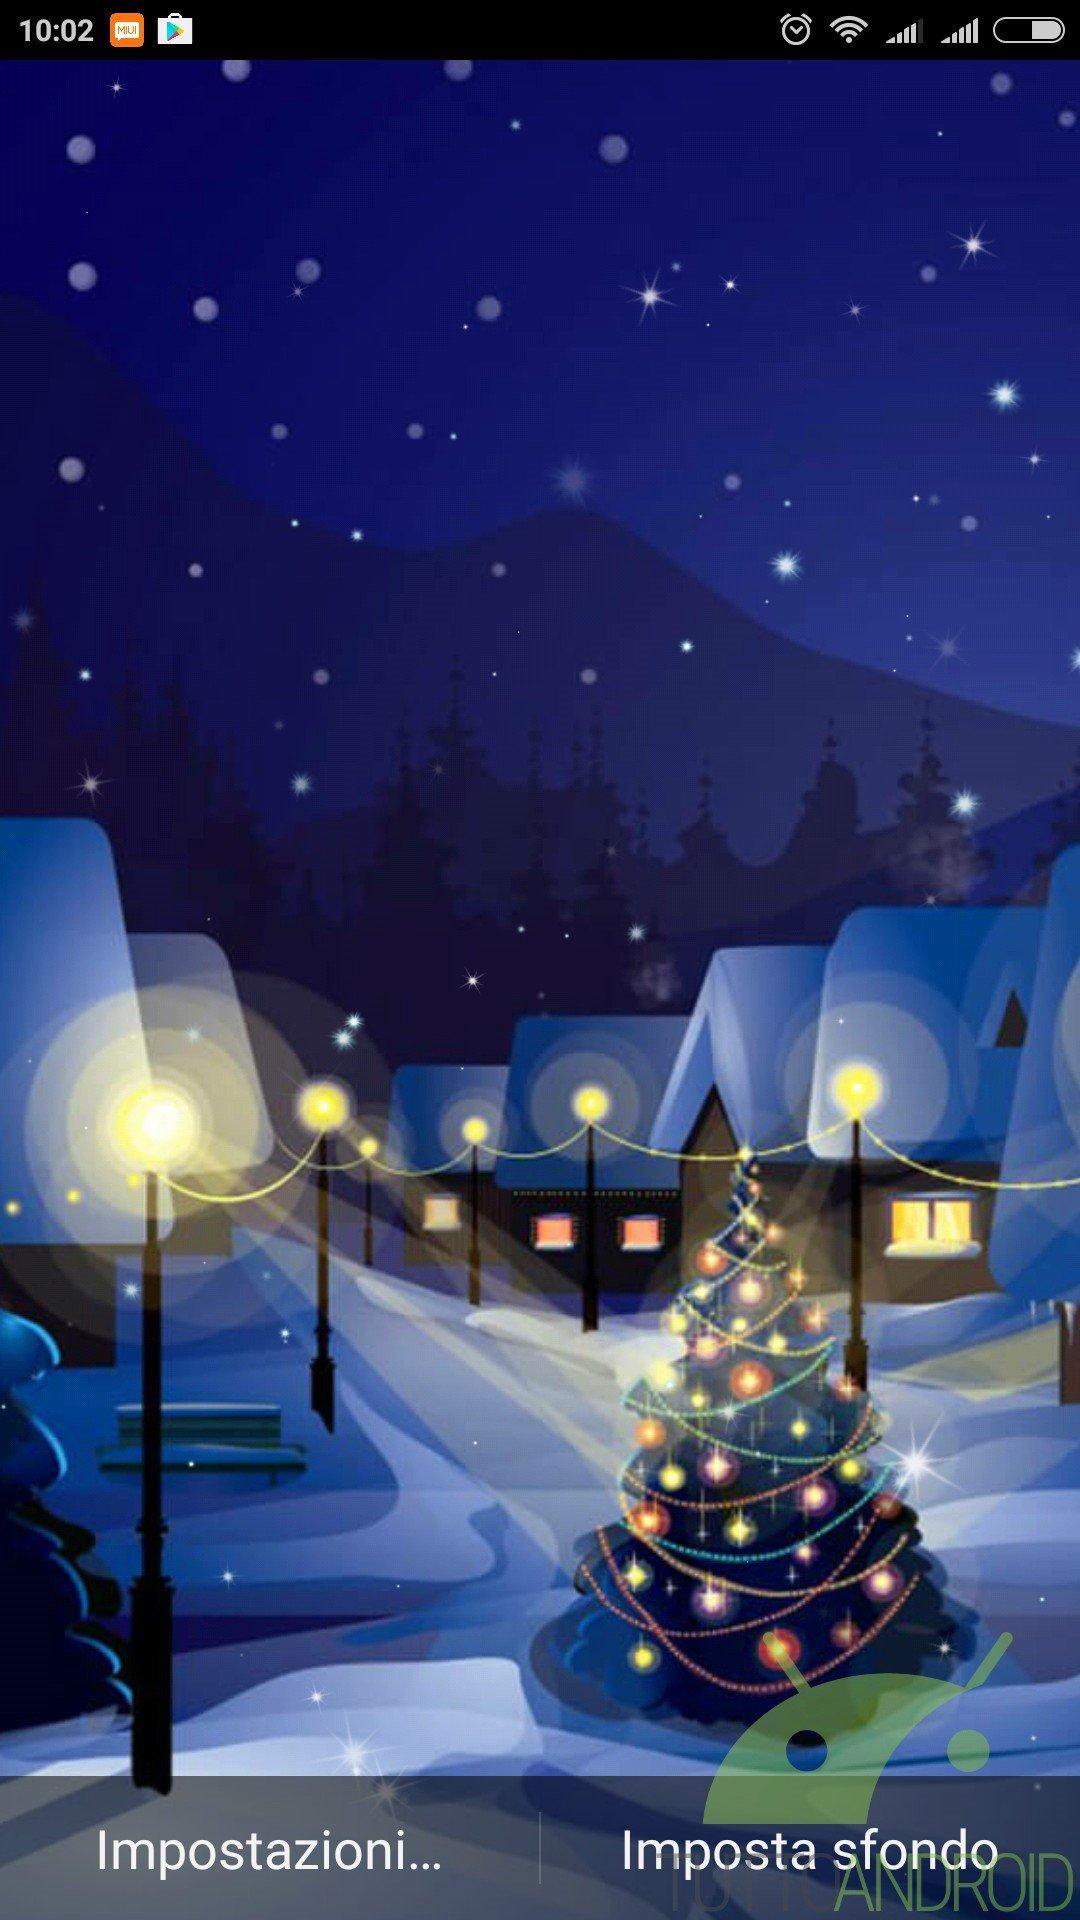 Sfondo Animato Natale.Notte Di Natale Sfondi Animati Offre Live Wallpaper Di